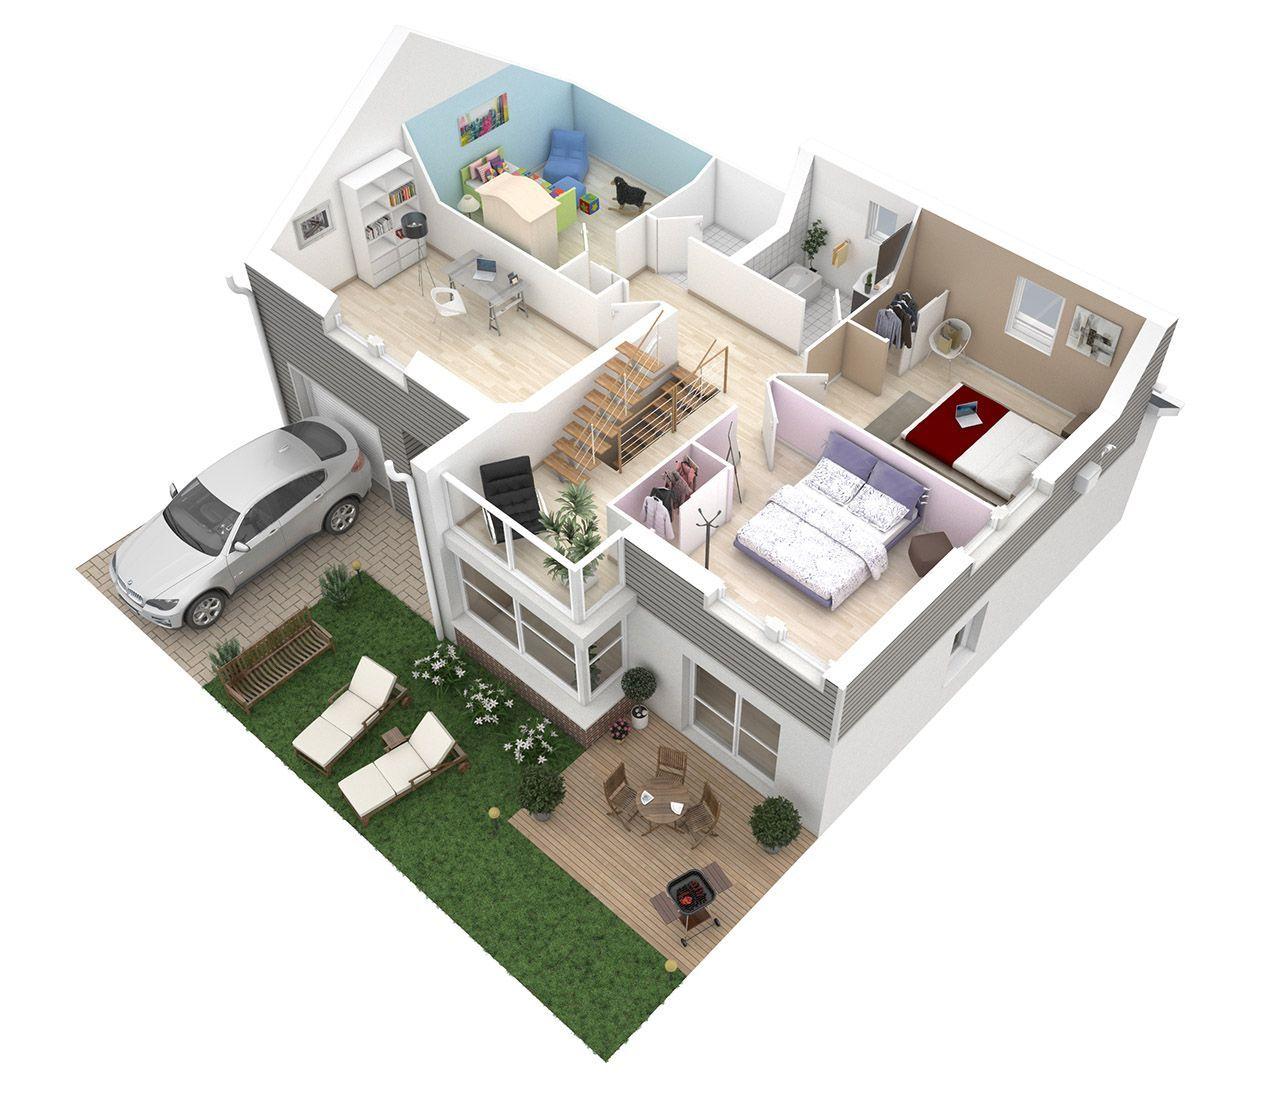 plan de maison 3d – ONEtoSIX